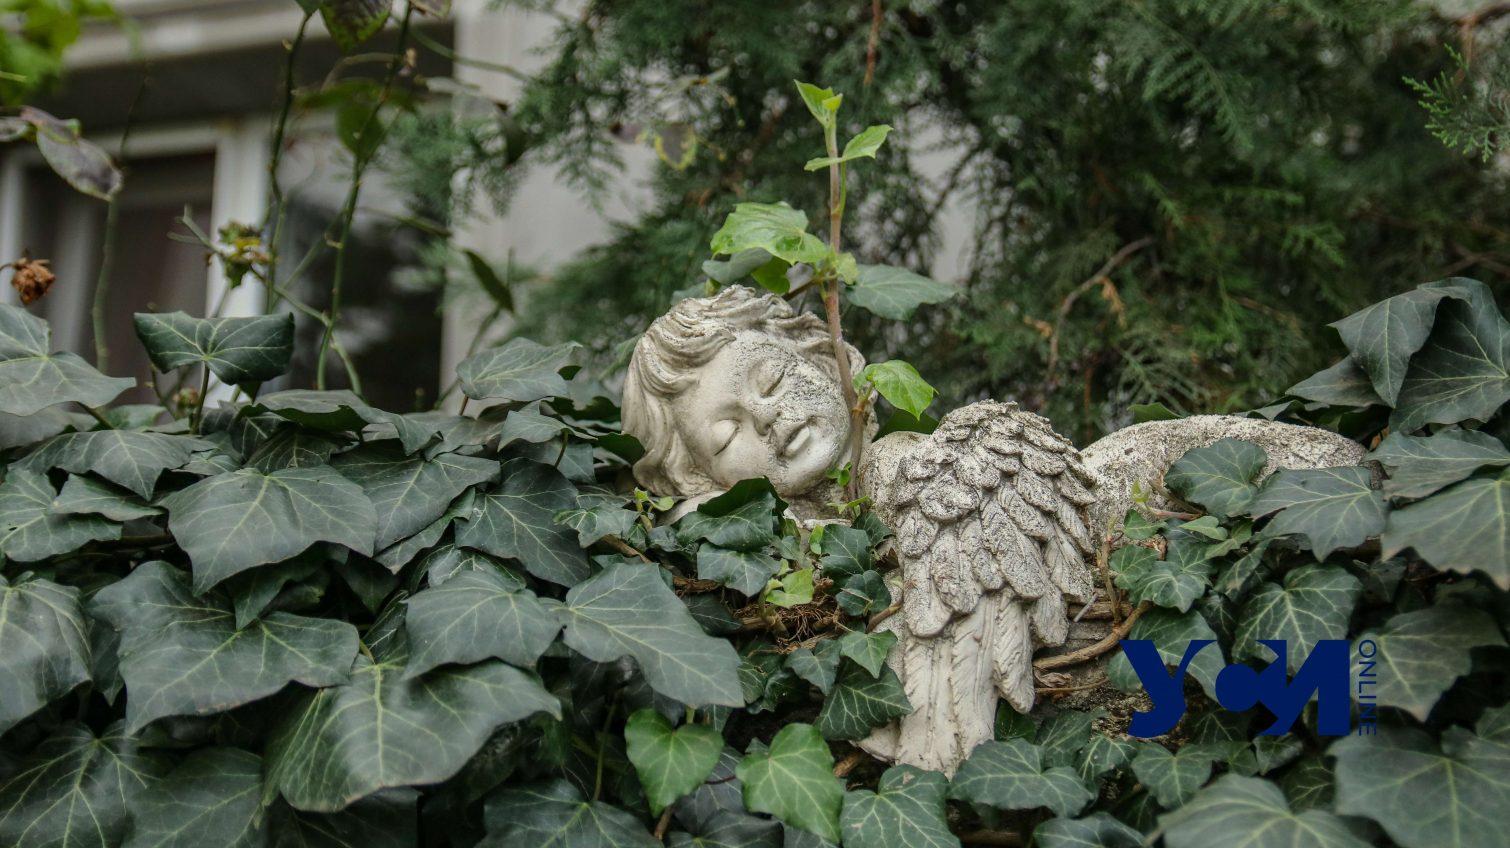 Курсаки: почти сельский район Одессы со своим очарованием (фото) «фото»